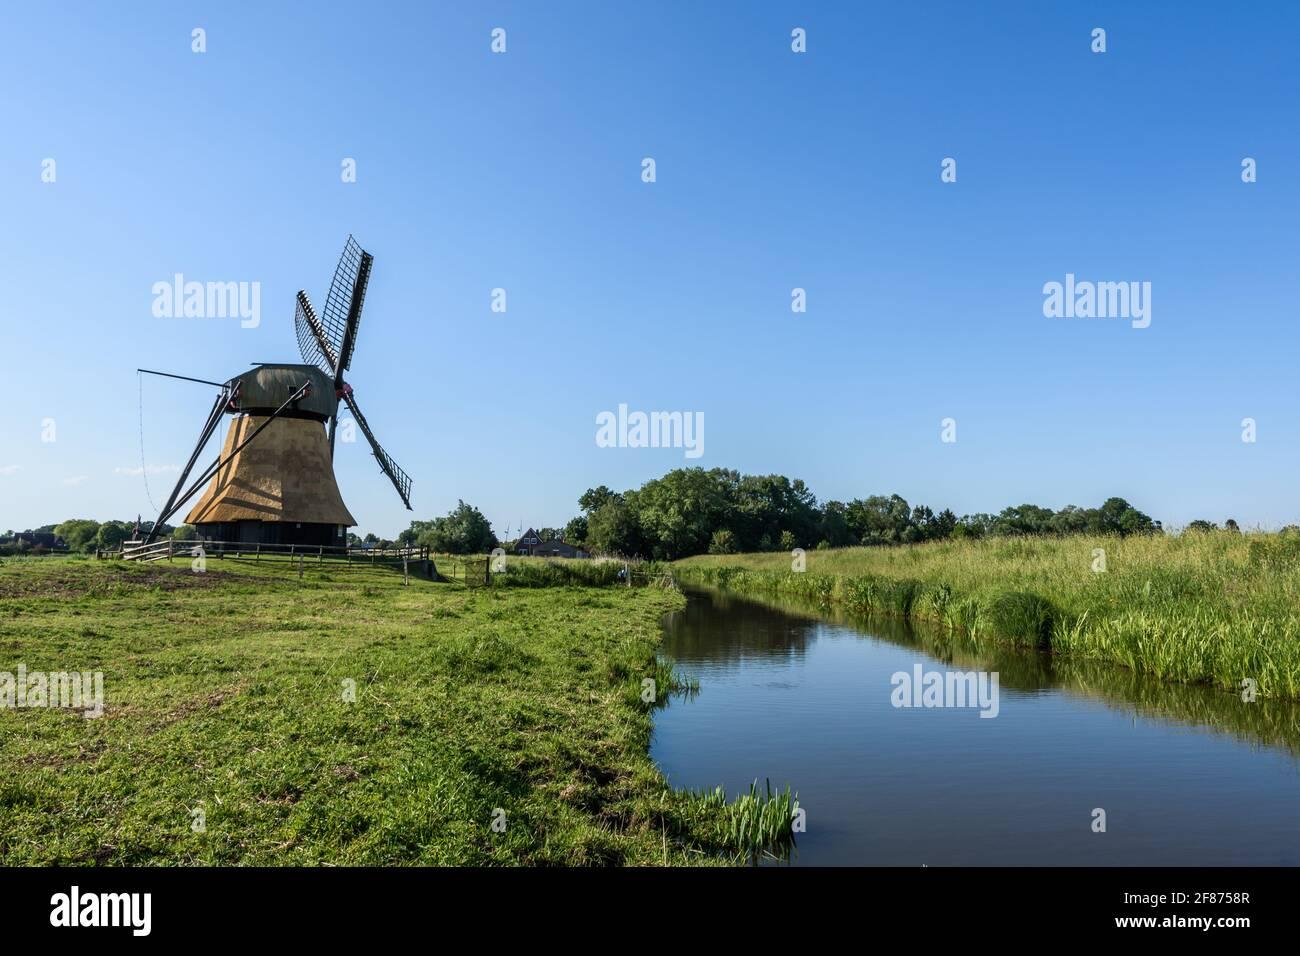 Wedelfelder Miil, moulin à vent historique en milieu rural, Frise orientale, Basse-Saxe, Allemagne Banque D'Images